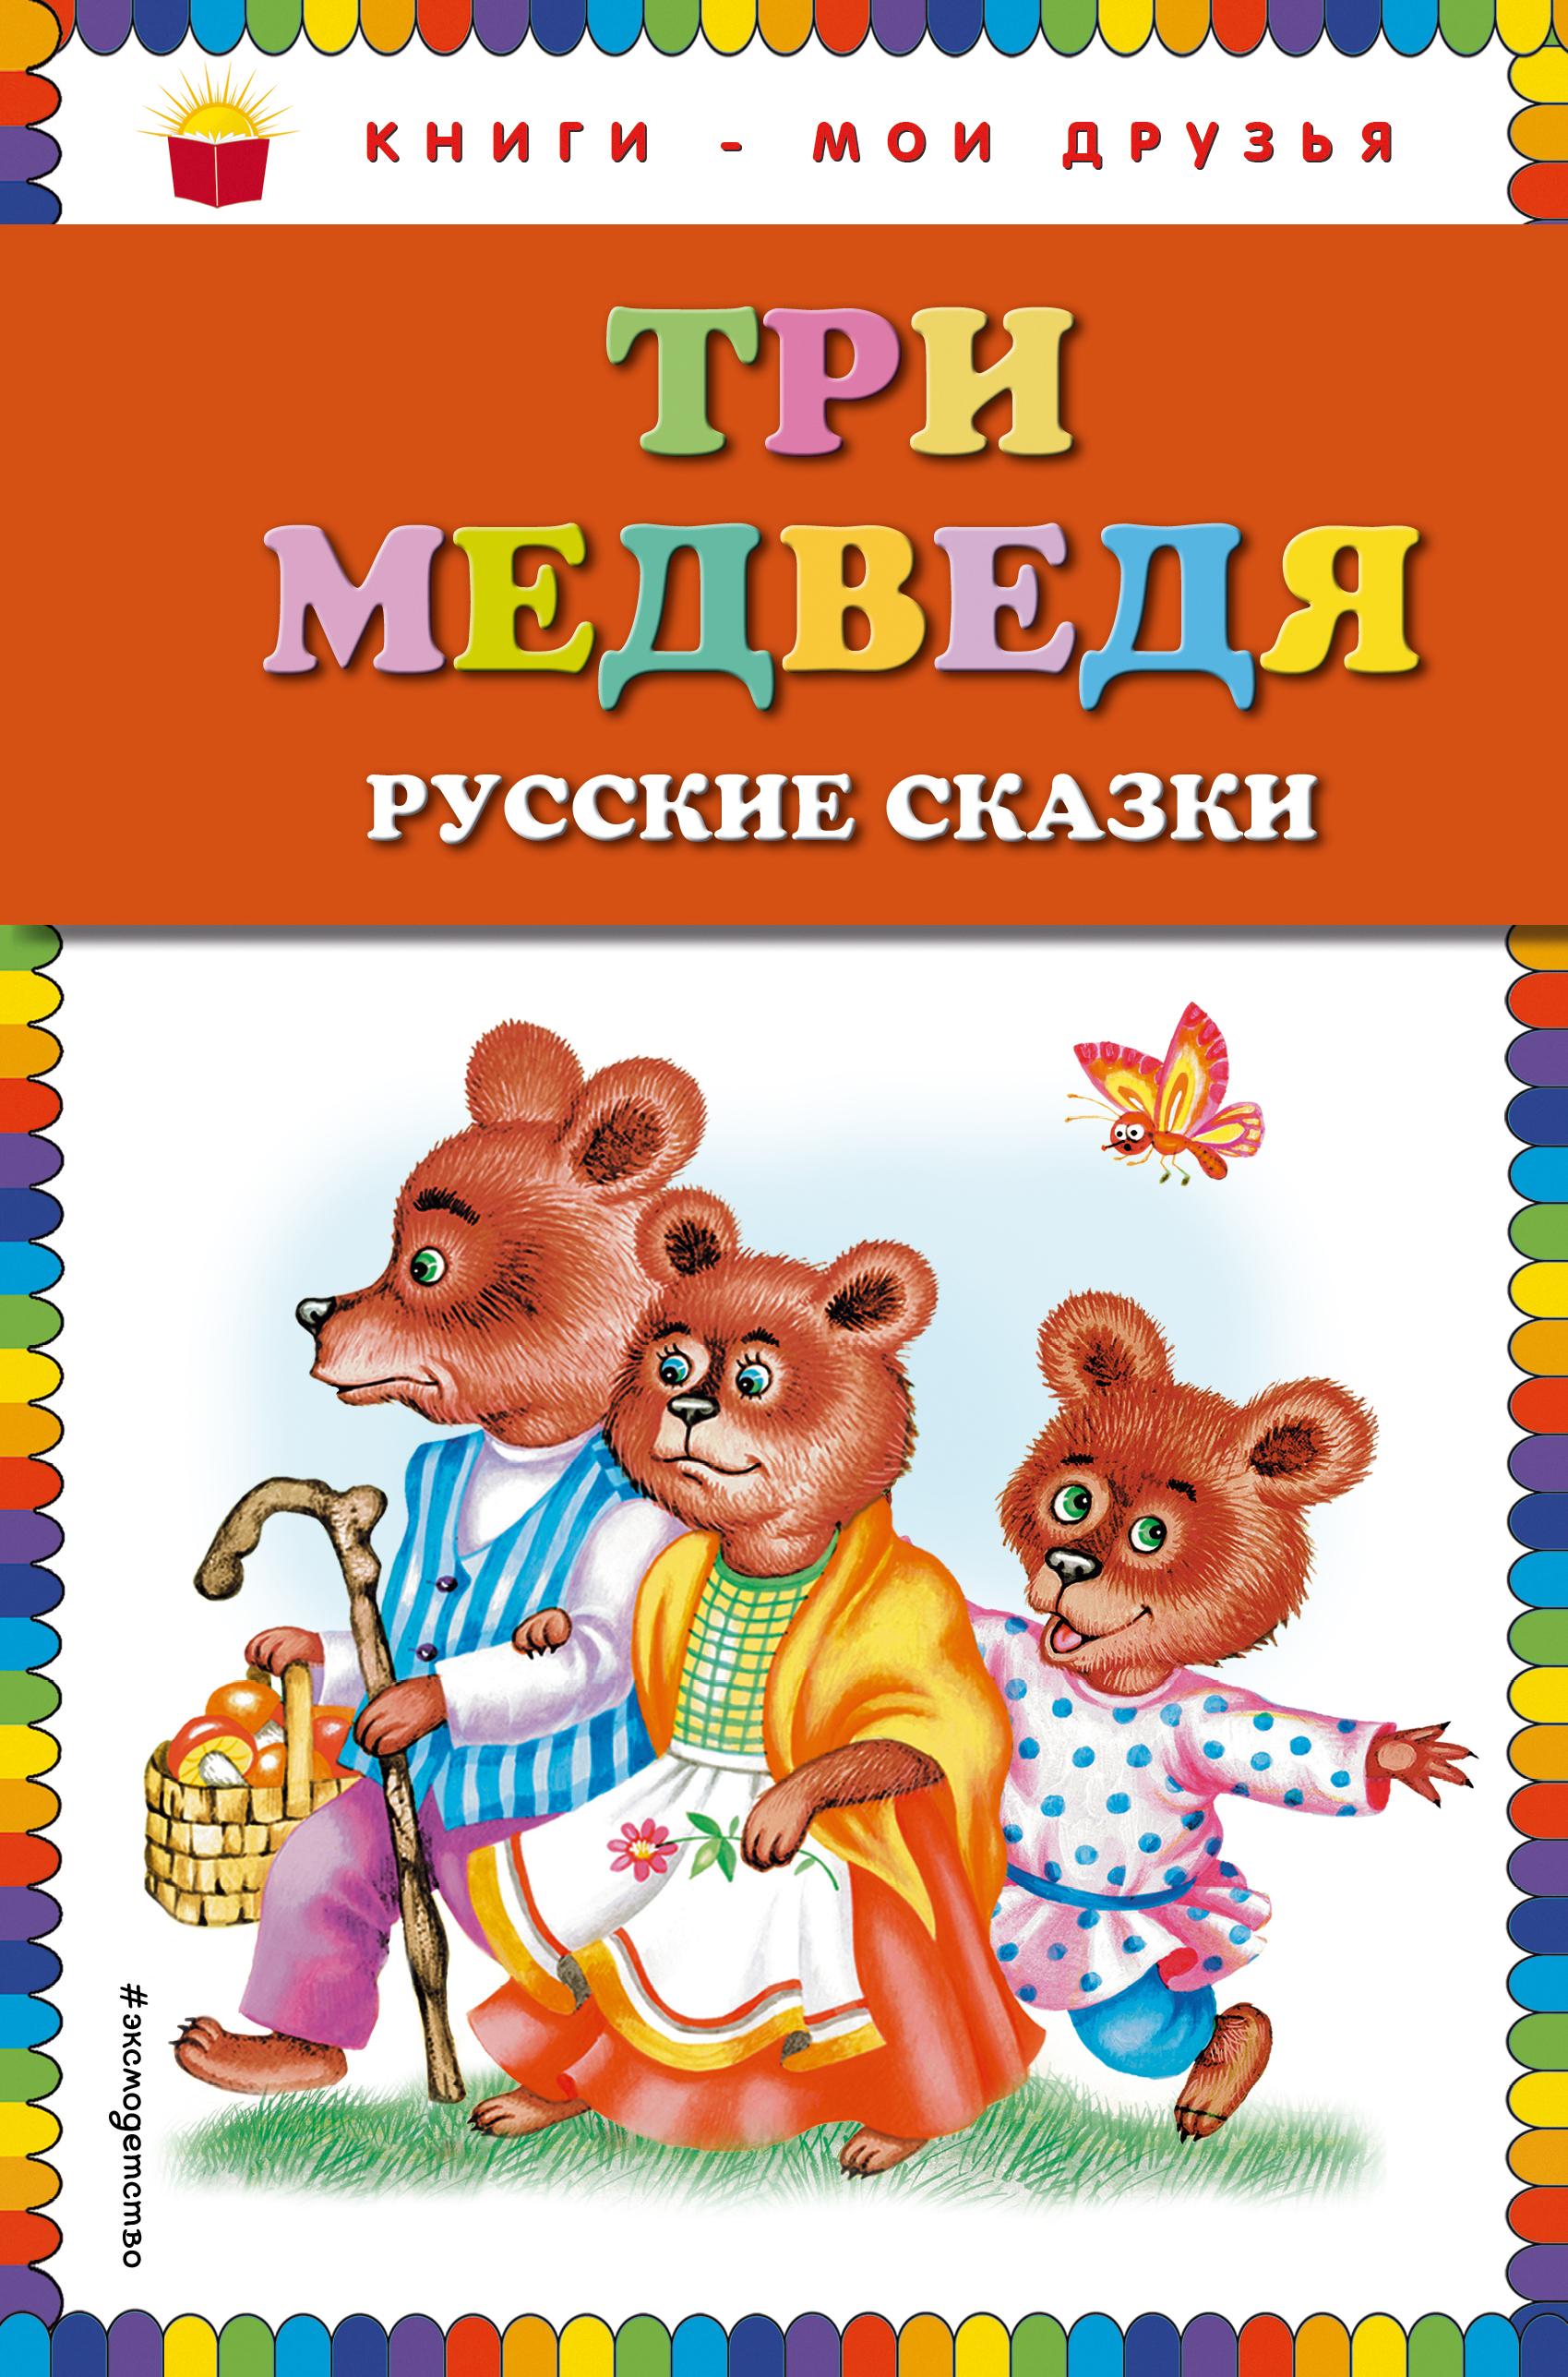 Сборник Три медведя. Русские сказки литвинова м худож три медведя русские сказки